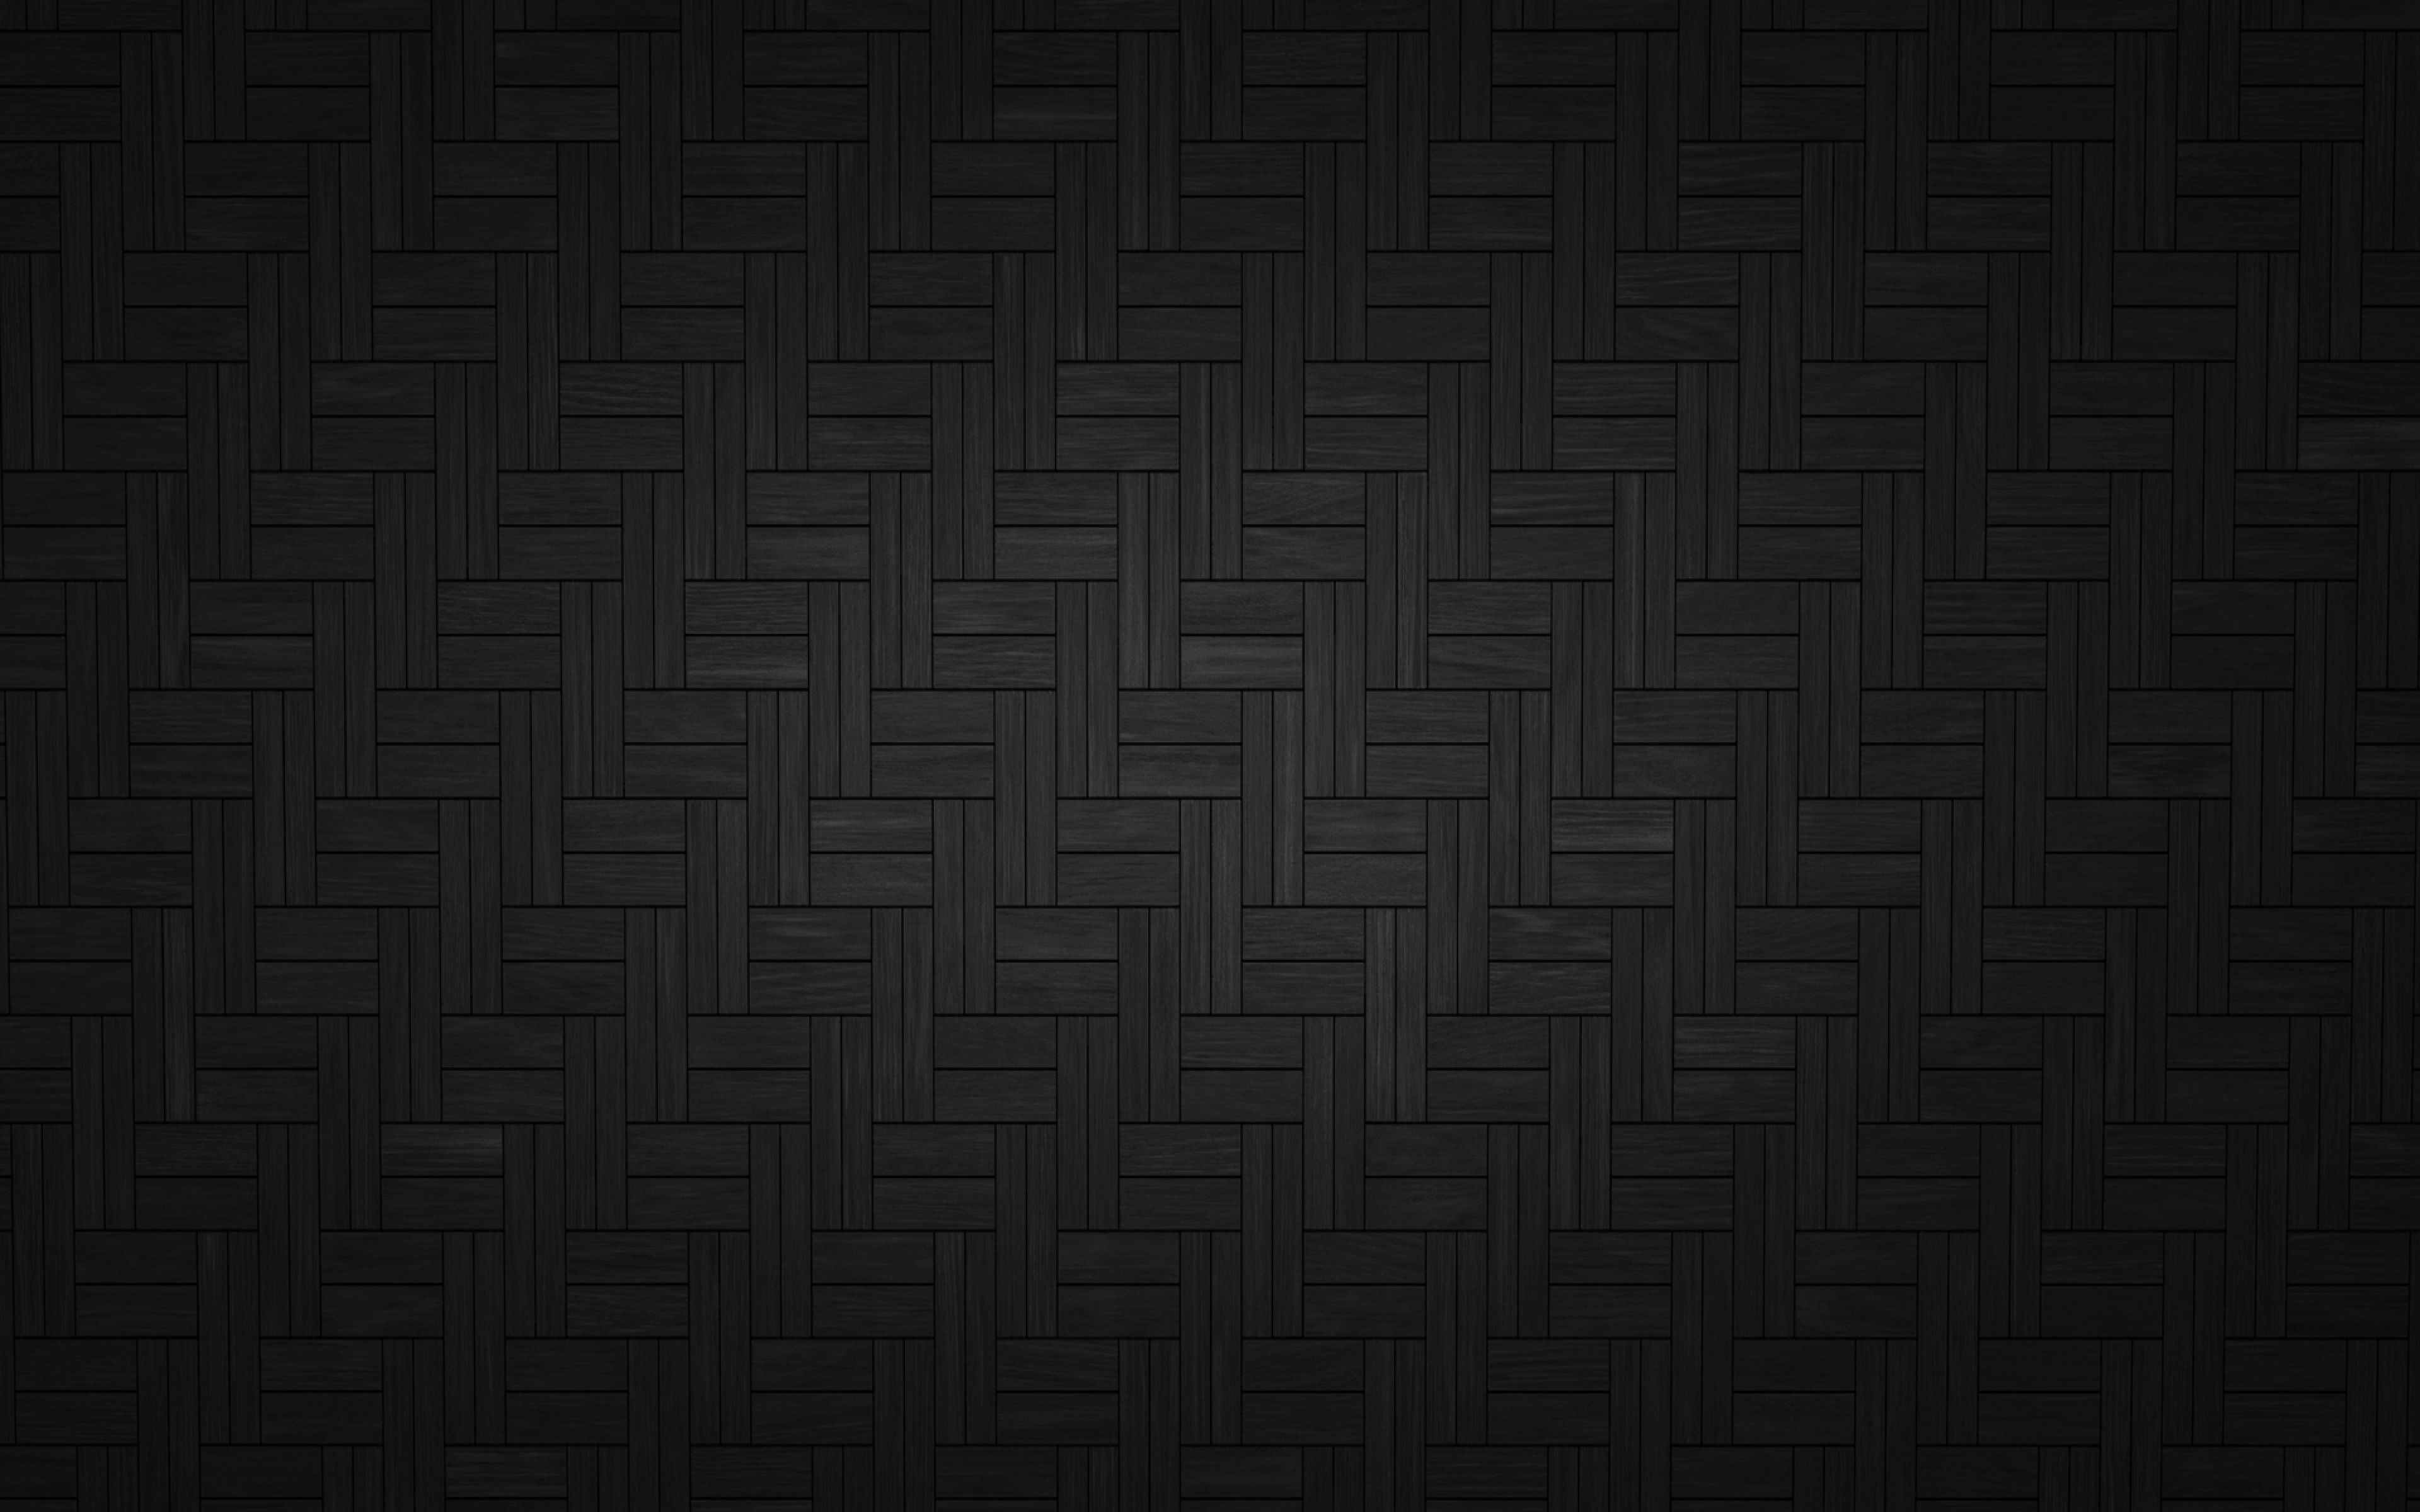 4K Dark Screensaver